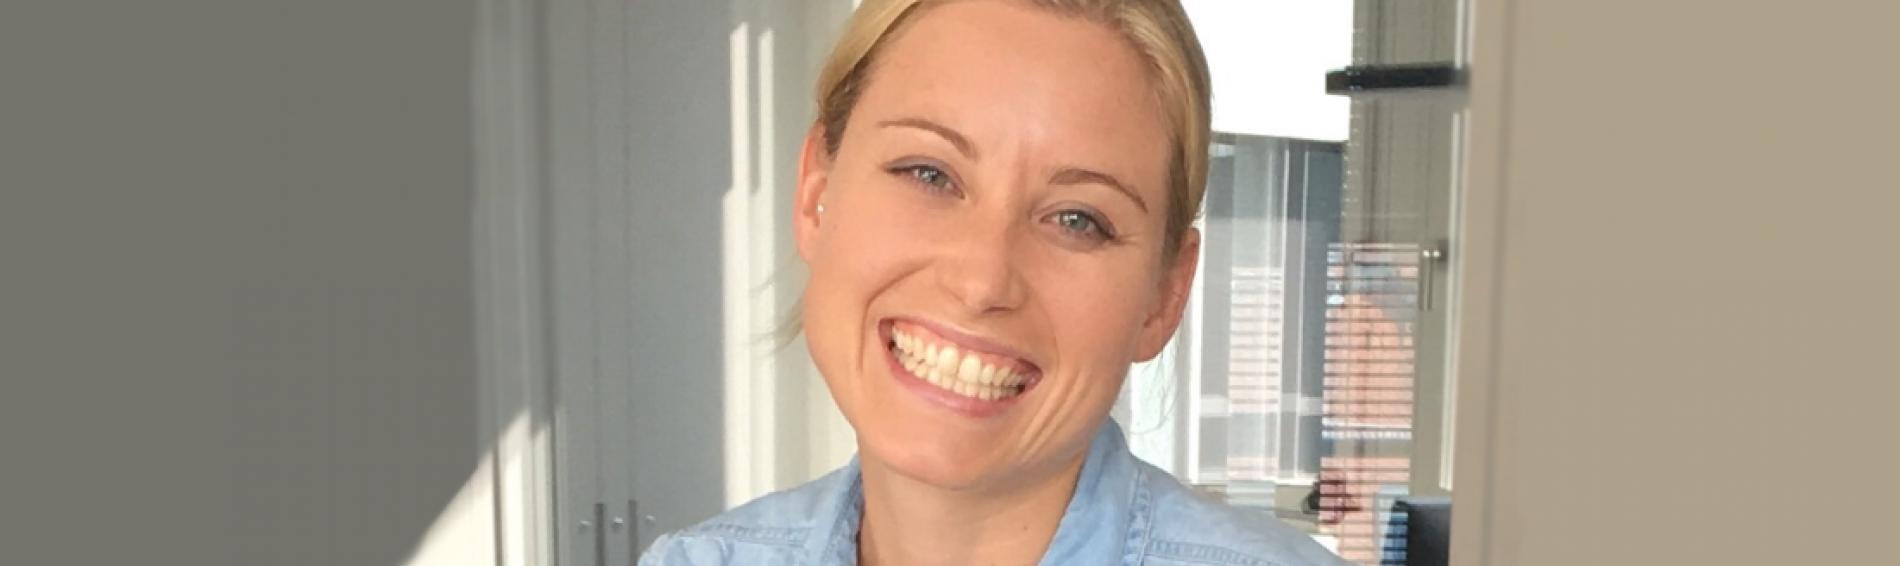 Ärzte der Welt-Mitarbeiterin Wenke Schubert. Foto: Ärzte der Welt